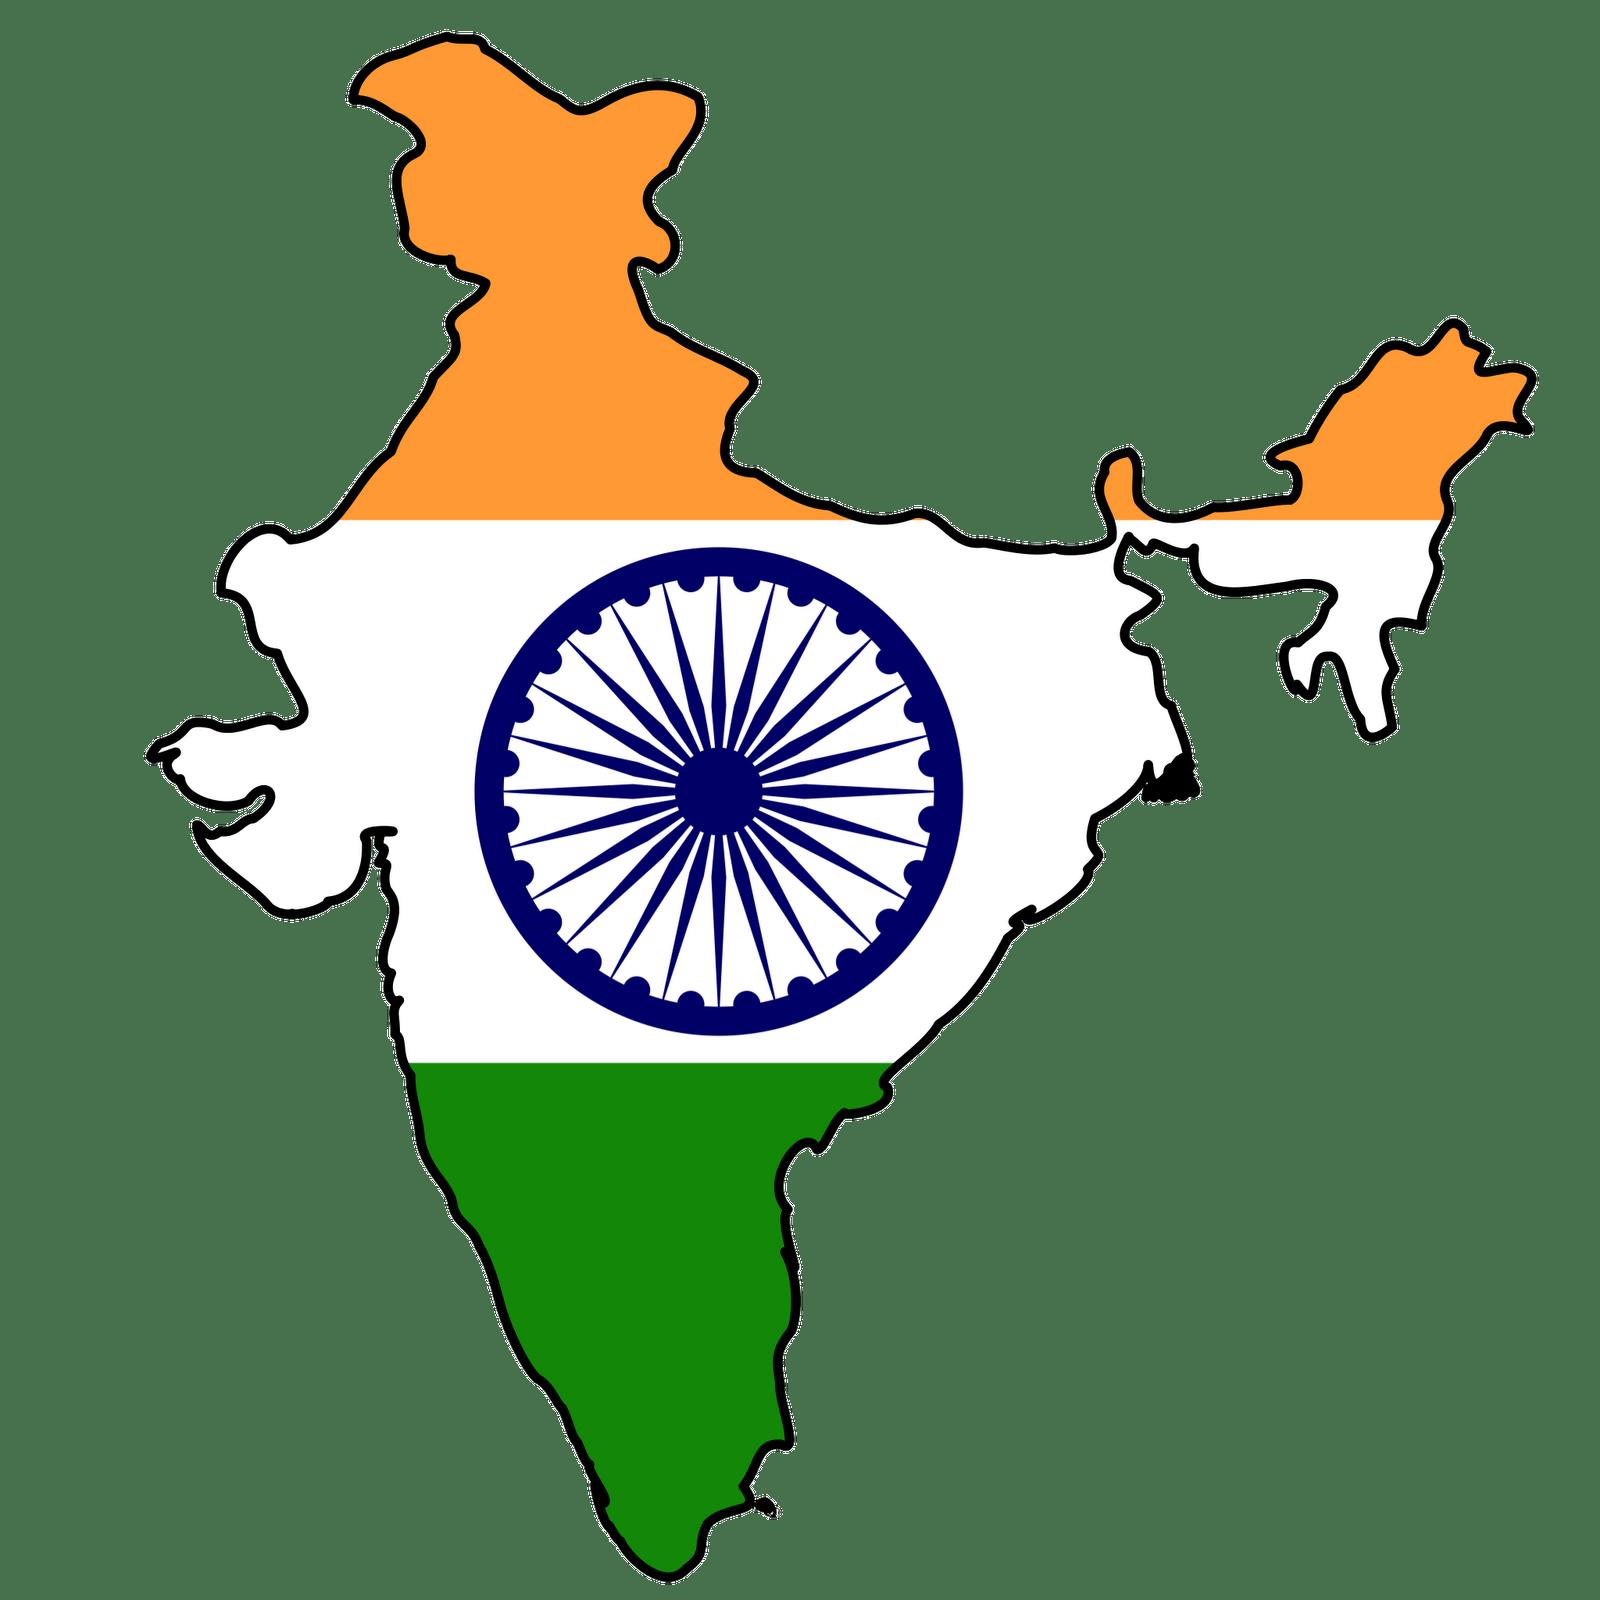 कोरोनाबाट भारतमा एकैदिन २ हजार बढीको मृत्यु